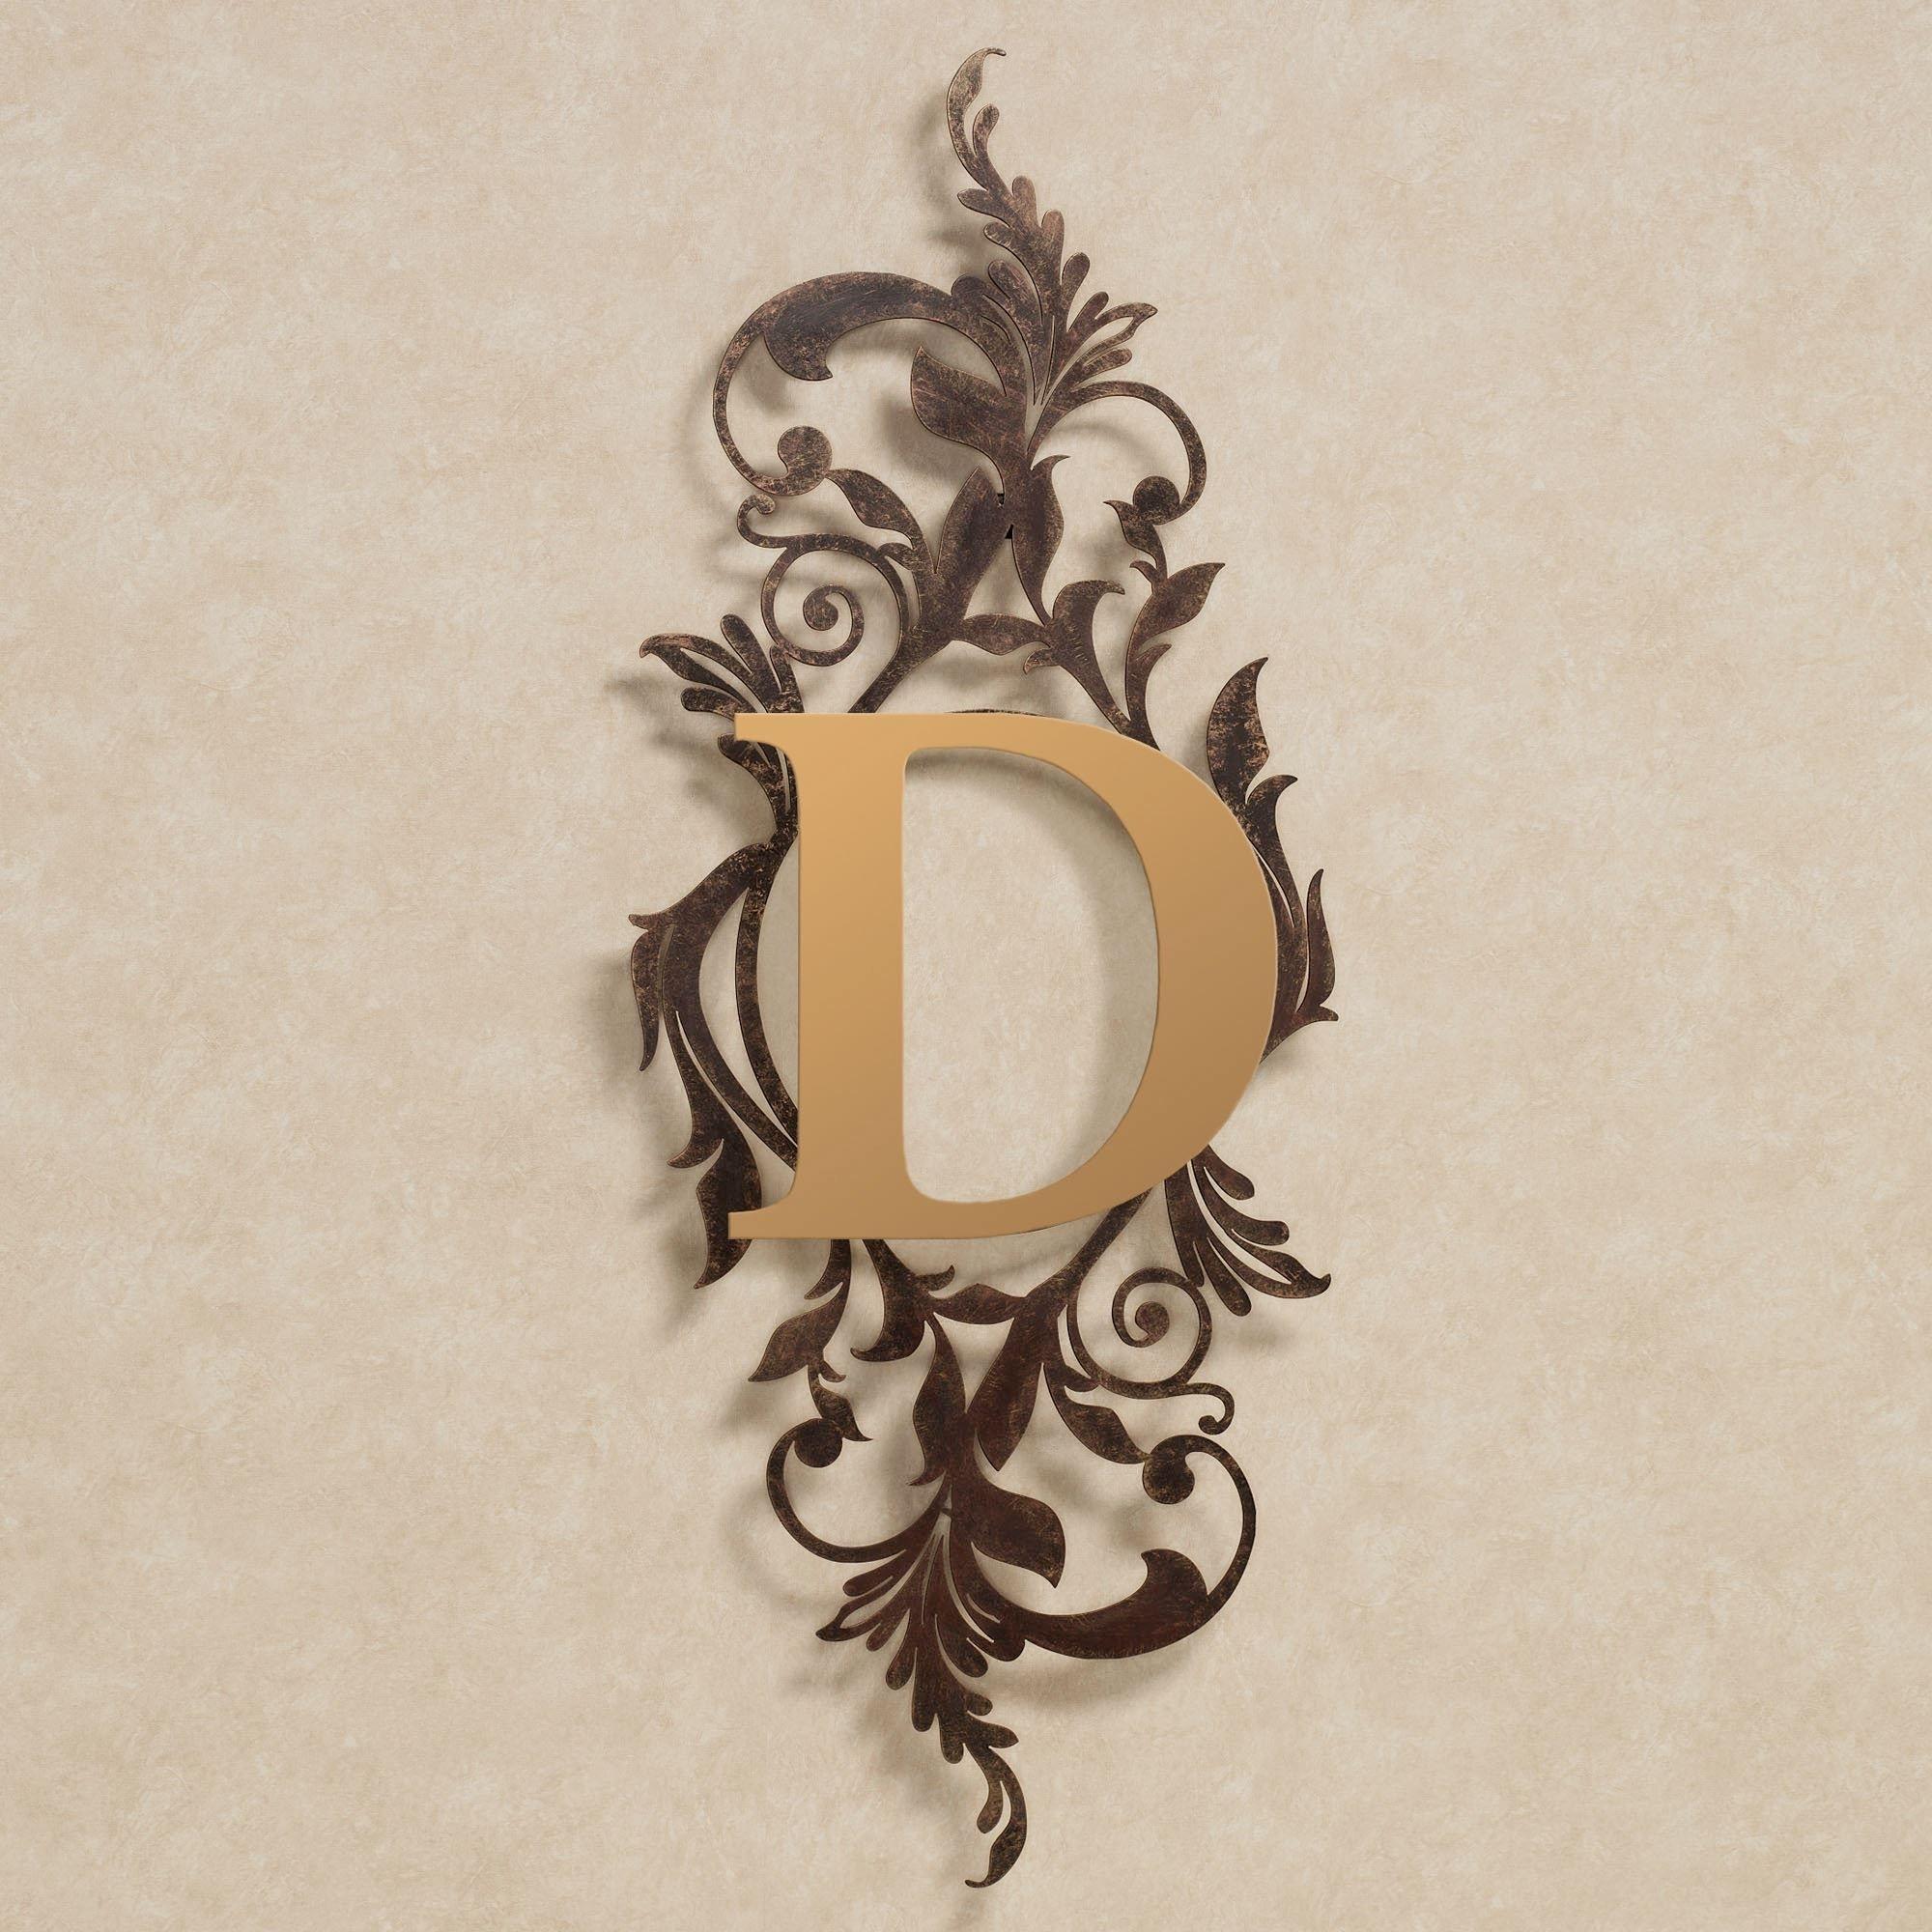 Meglynn Monogram Vertical Metal Wall Art Sign | Pinterest | Metal within Vertical Metal Wall Art (Image 6 of 20)